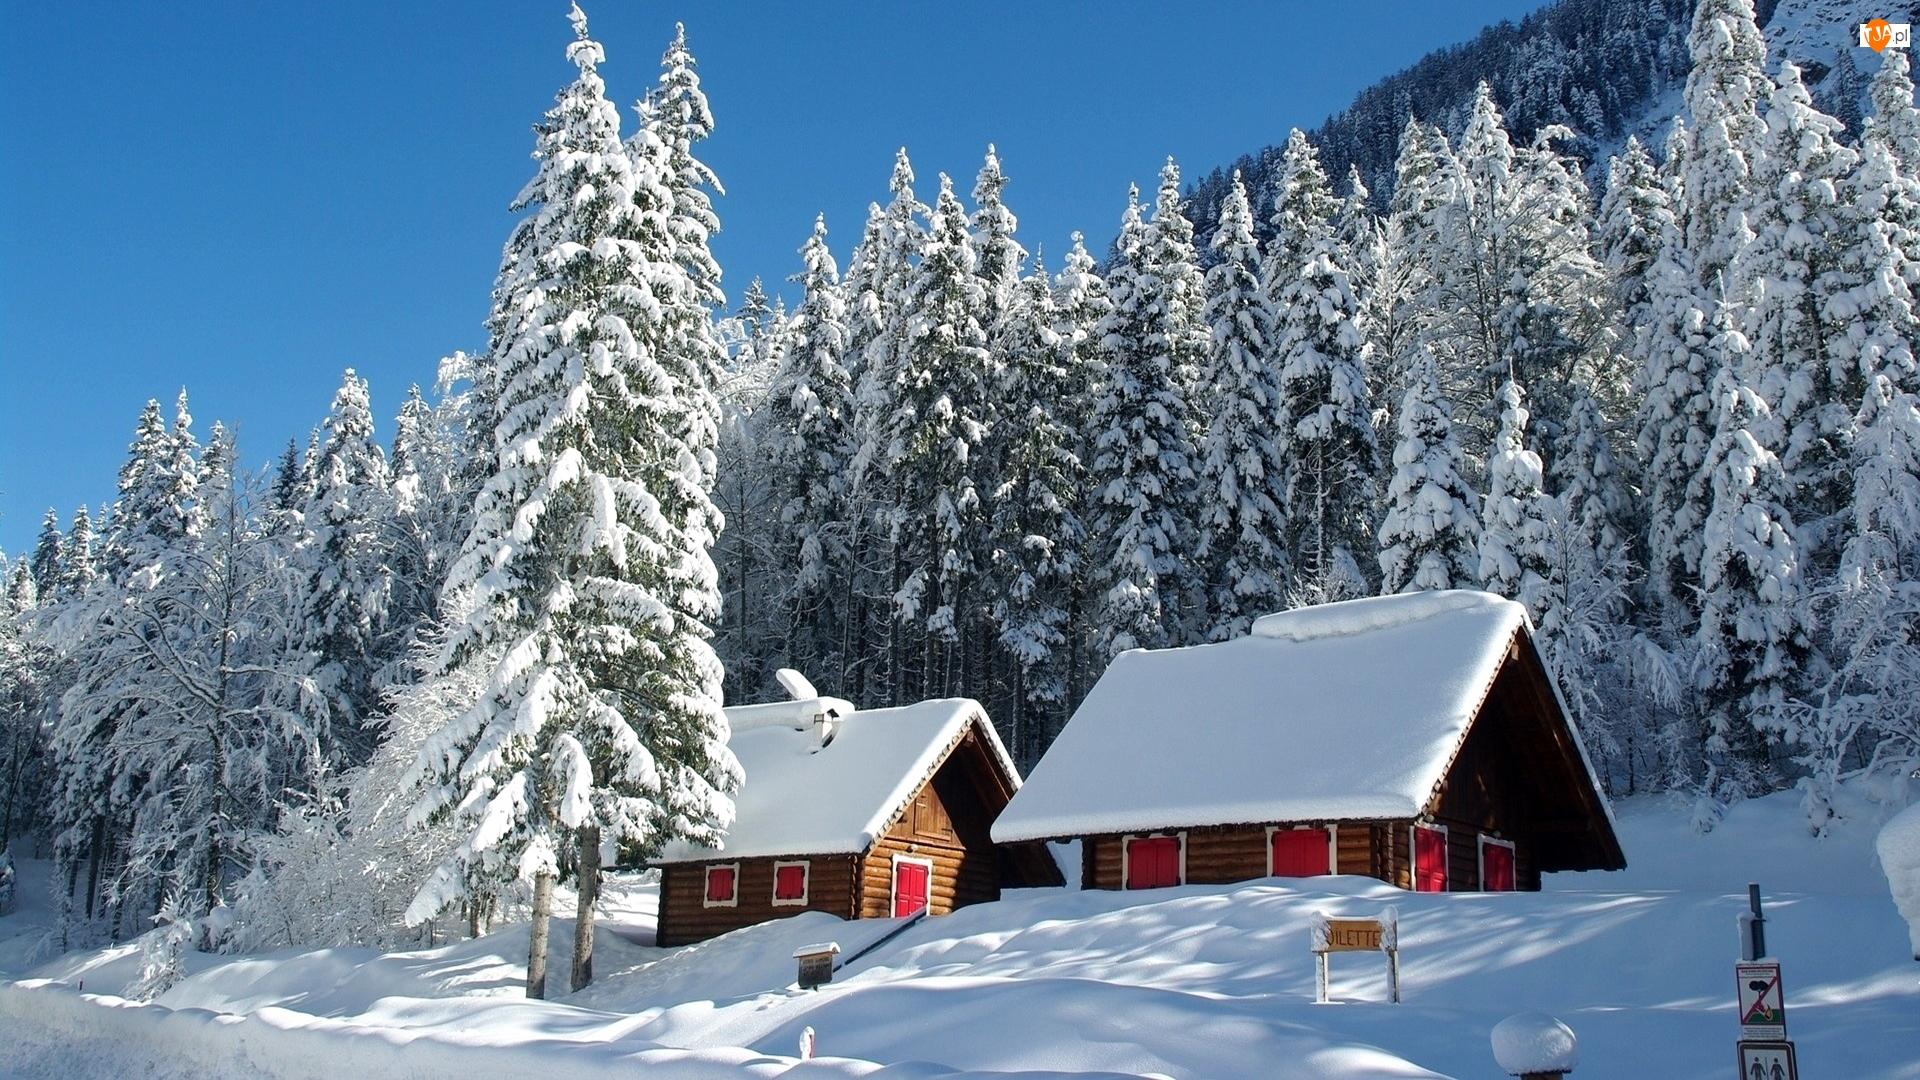 Świerki, Zima, Drzewa, Ośnieżone, Domy